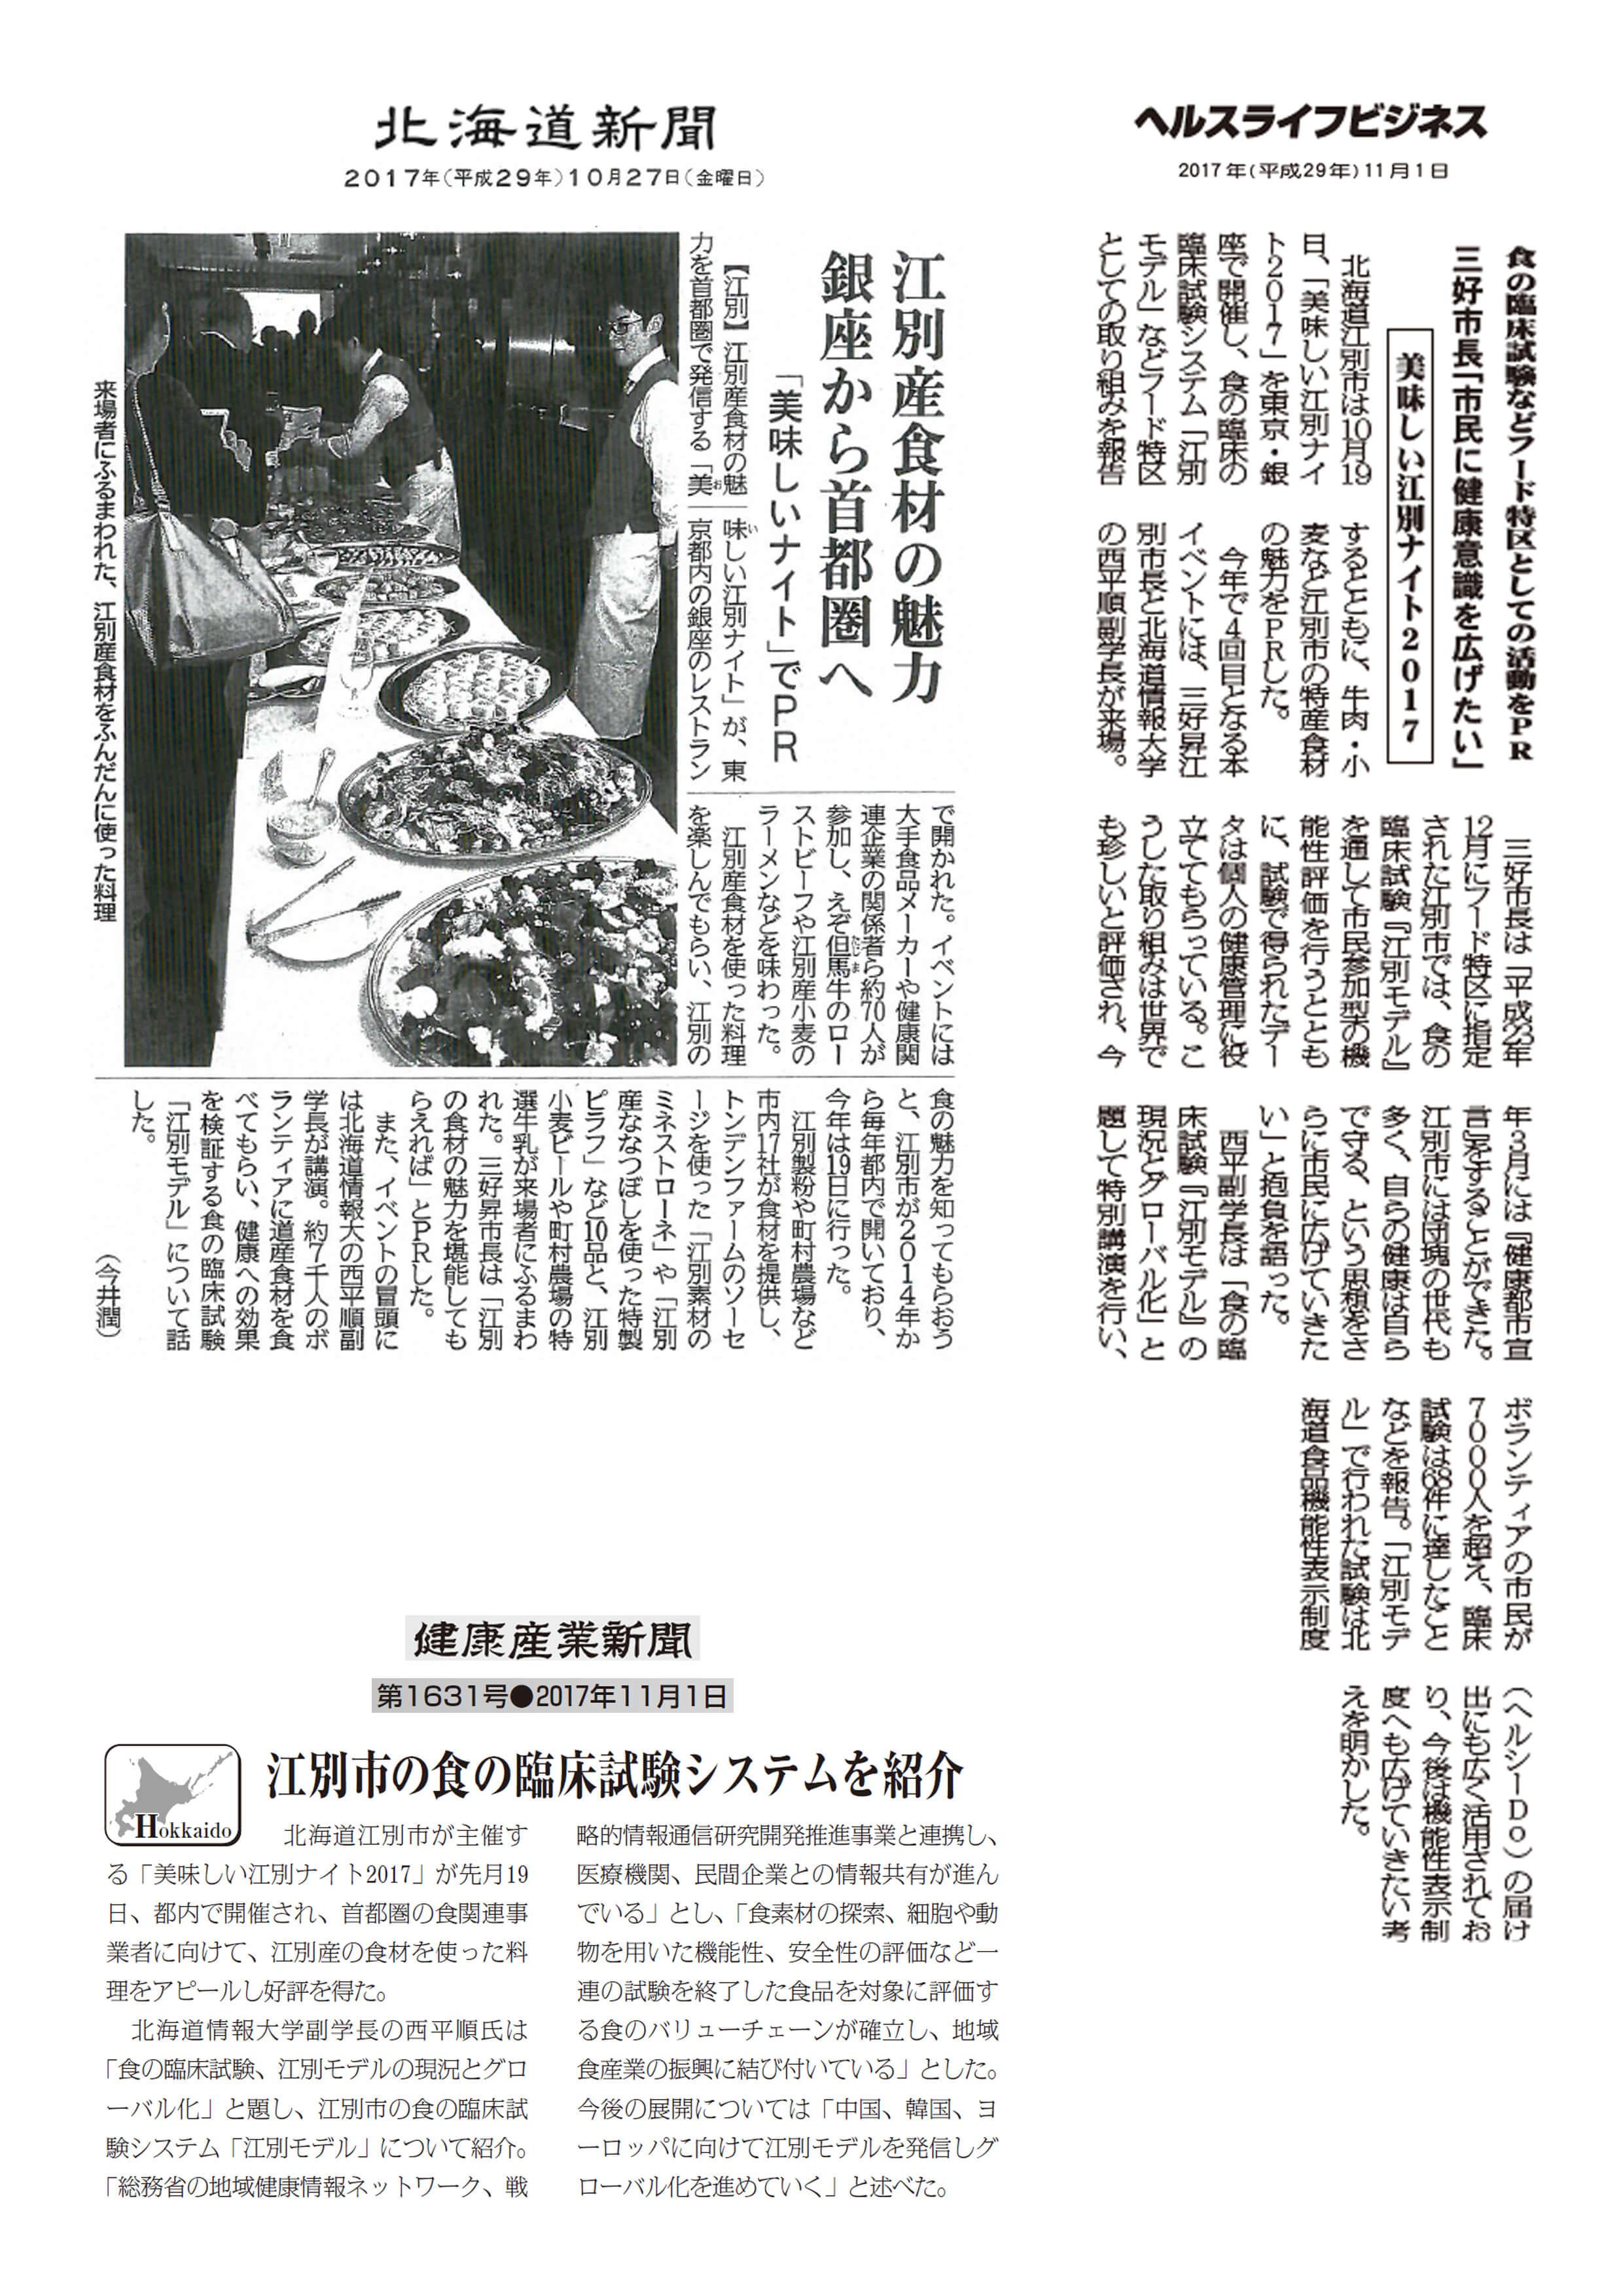 当日の様子が新聞に掲載されました!